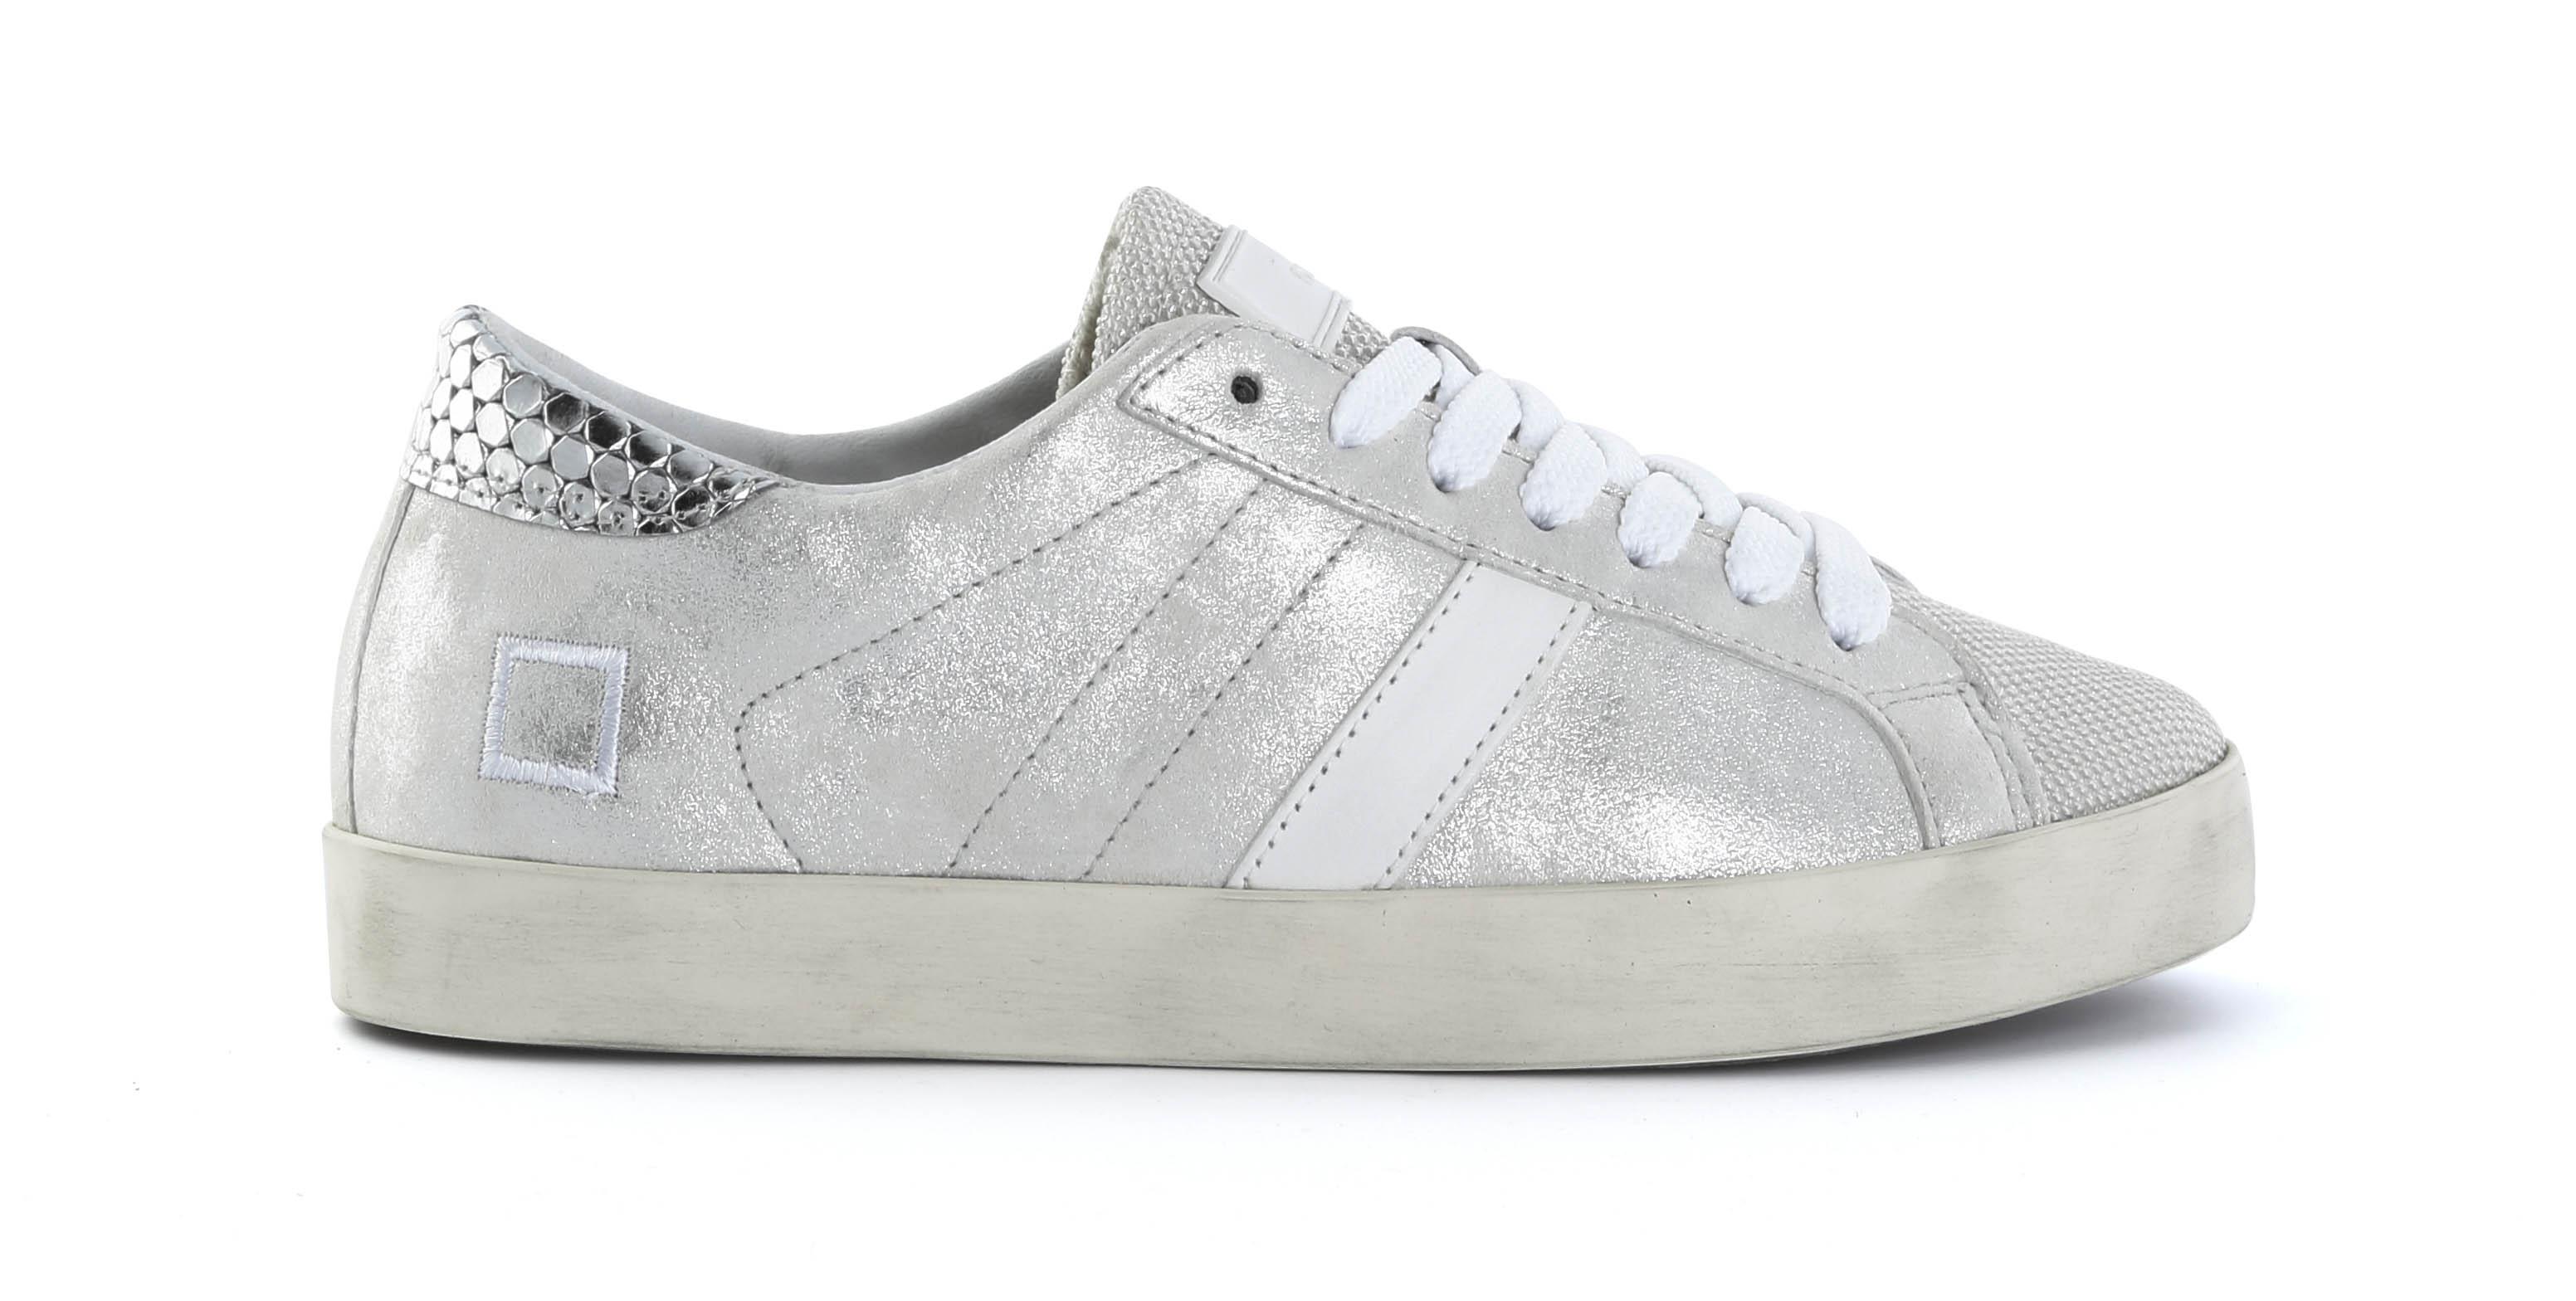 finest selection 2bacb 63f10 D.A.T.E sneakers collezione Primavera-Estate 2017 | Fashion ...